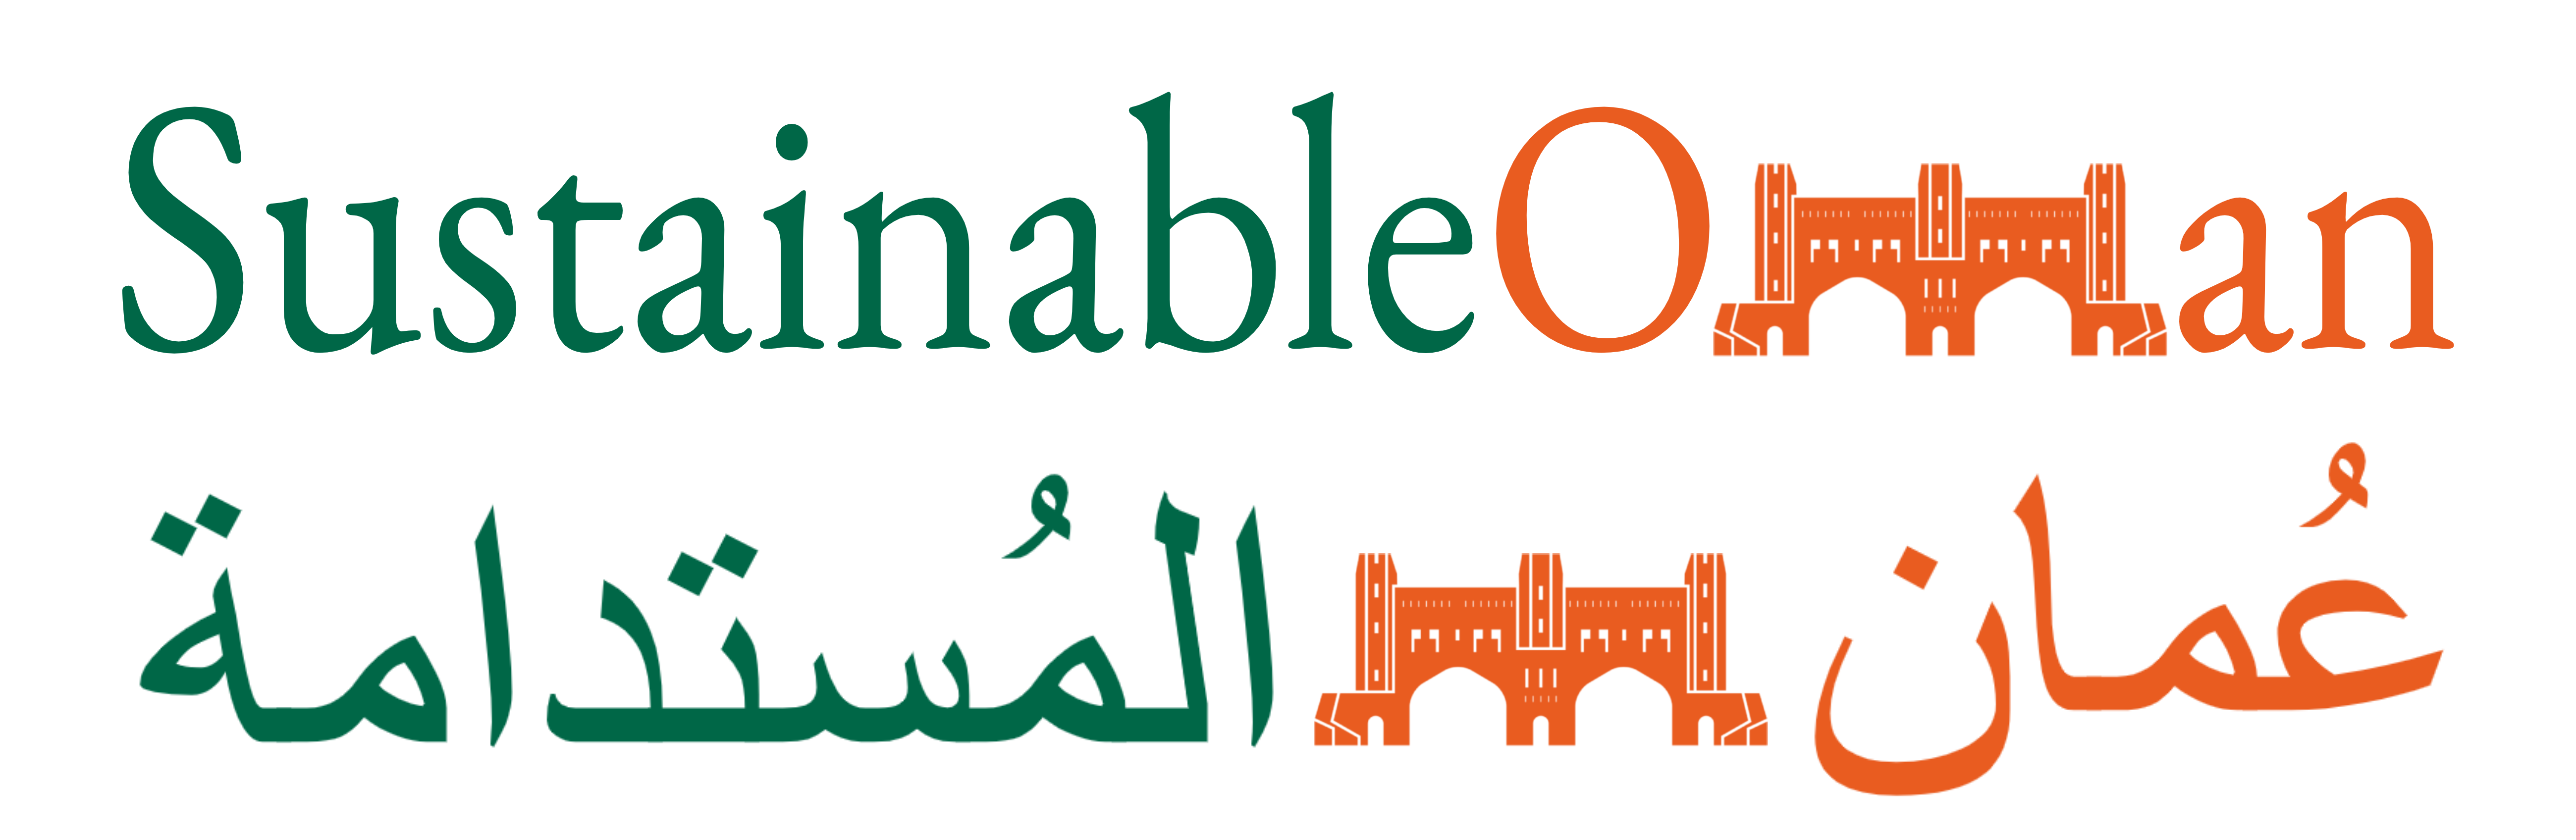 SustainableOman